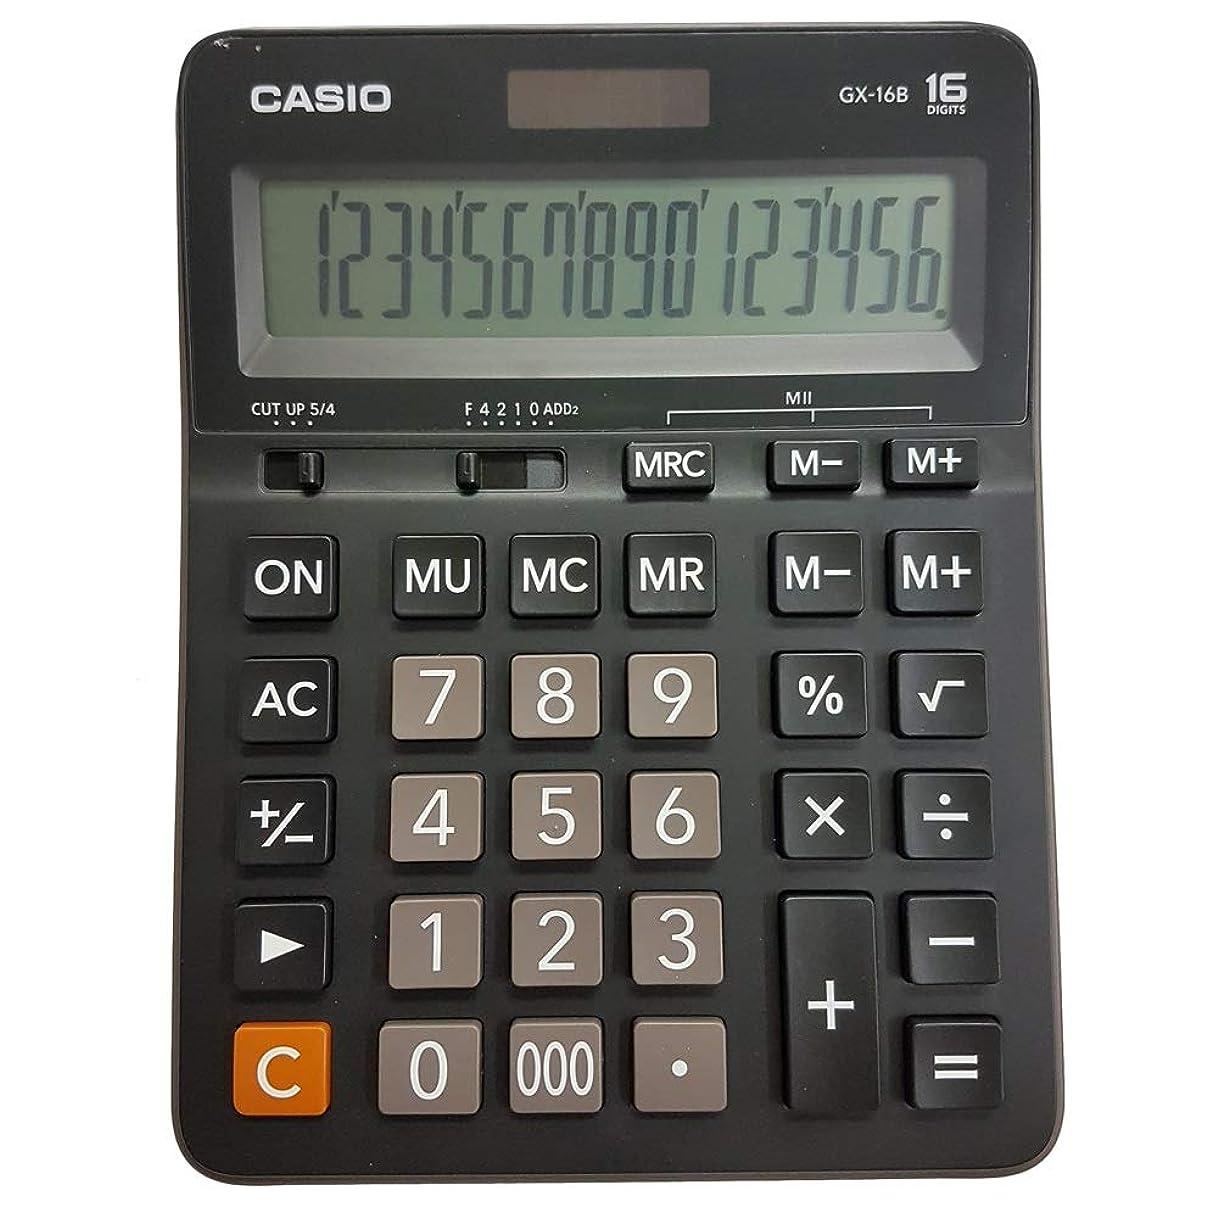 動く推進、動かすチョークCasio GX-16B デスクトップ型16桁電卓 GX16B [並行輸入品]